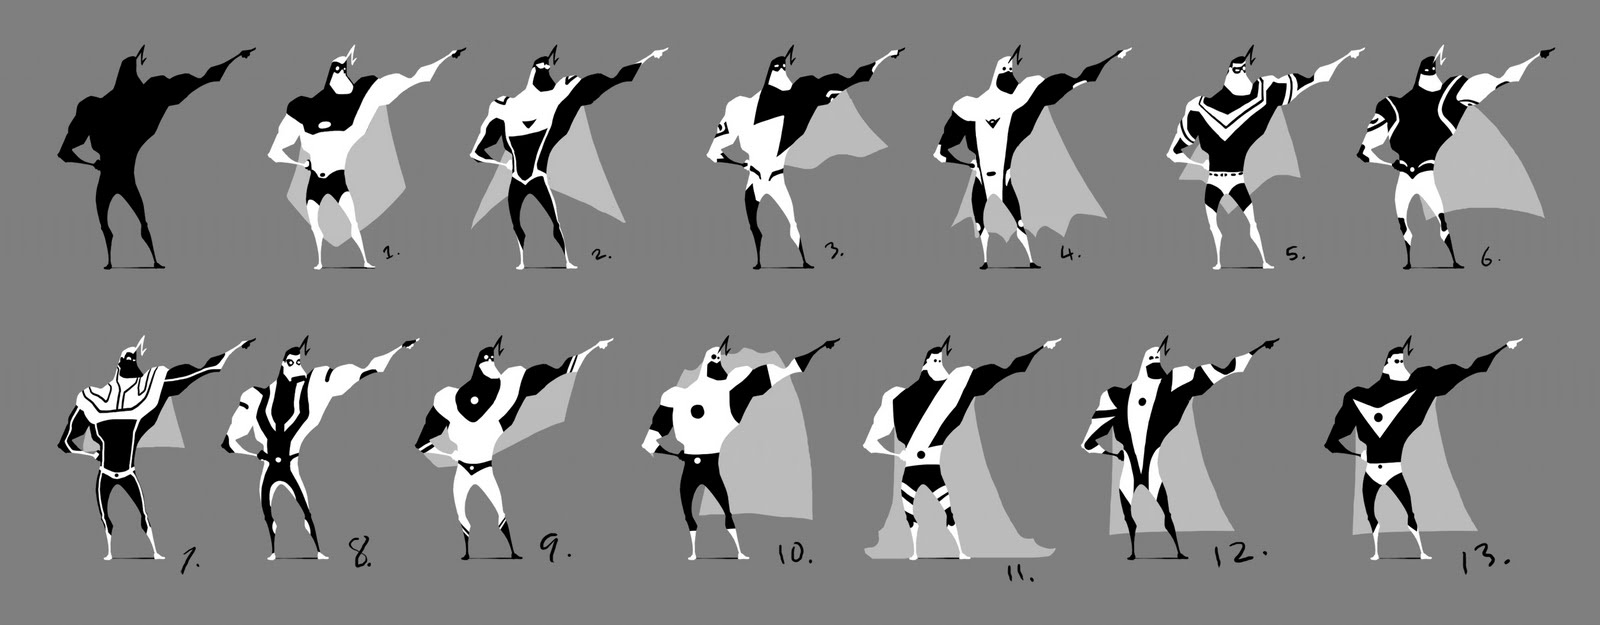 superhero designs round 2 sketchgeek